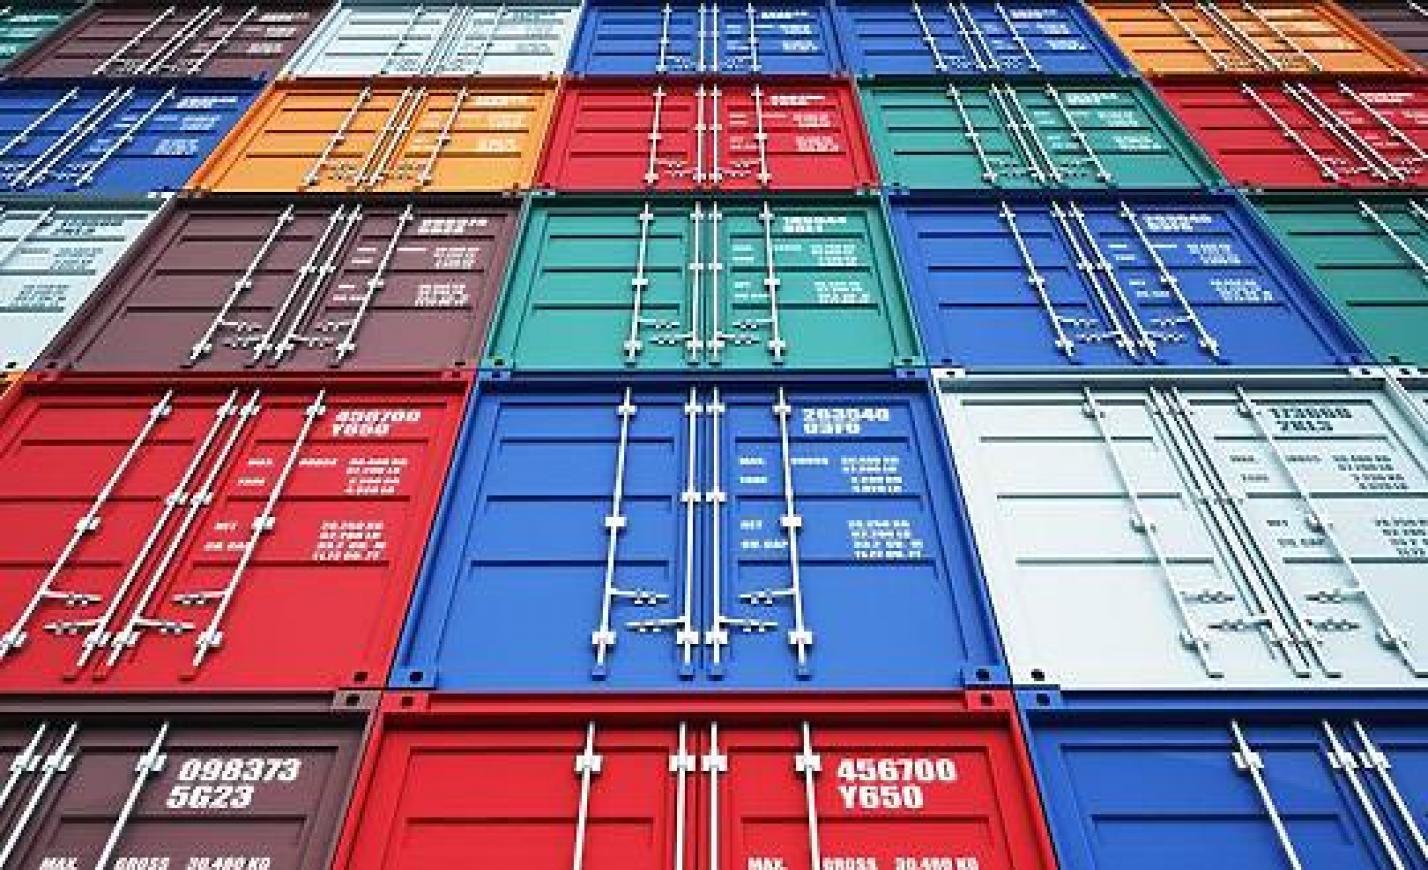 2023-ban szénsemleges teherhajót bocsát vízre a Maersk